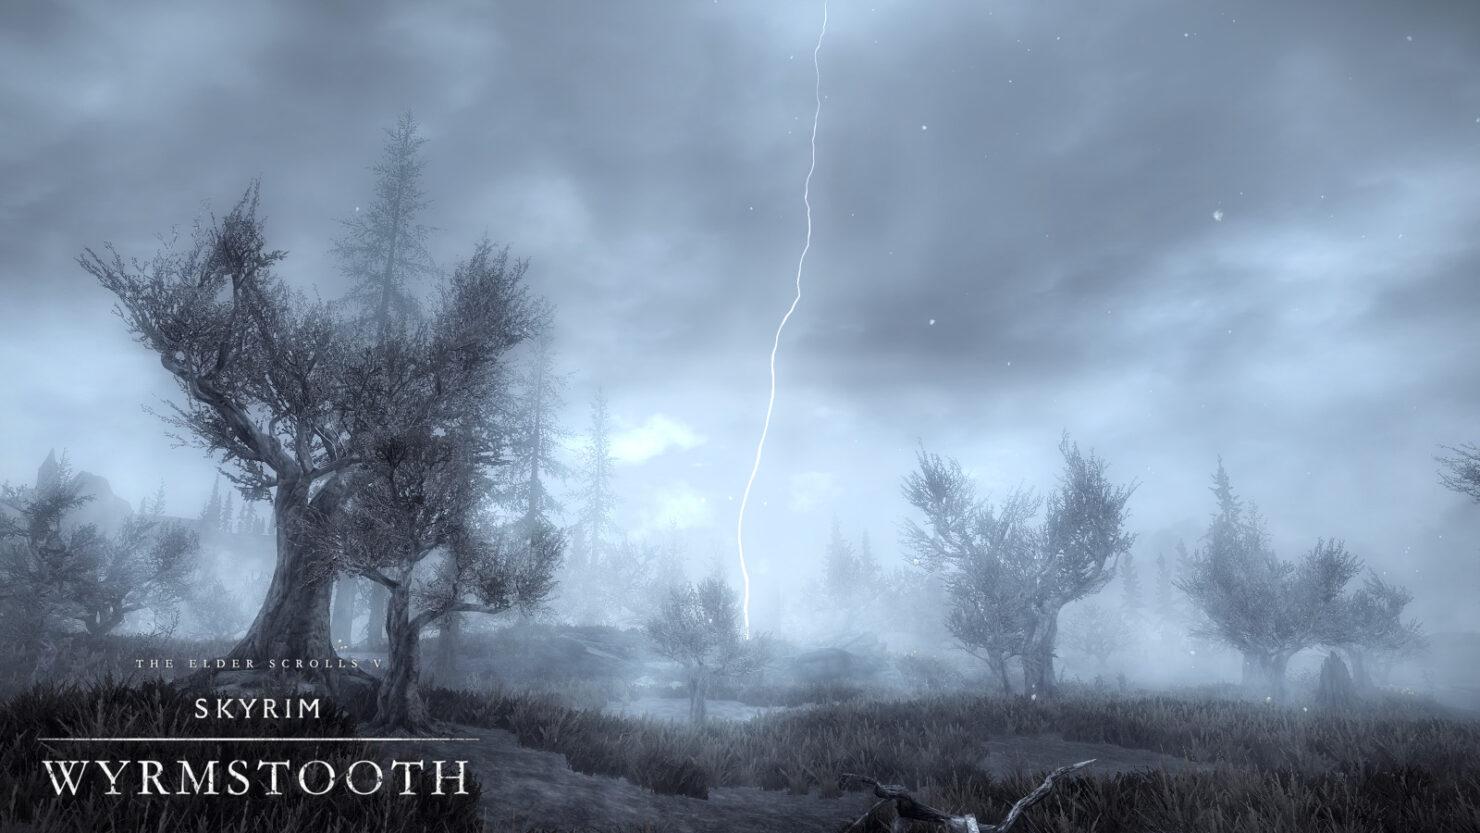 the-elder-scrolls-v-skyrim-wyrmstooth-mod-6